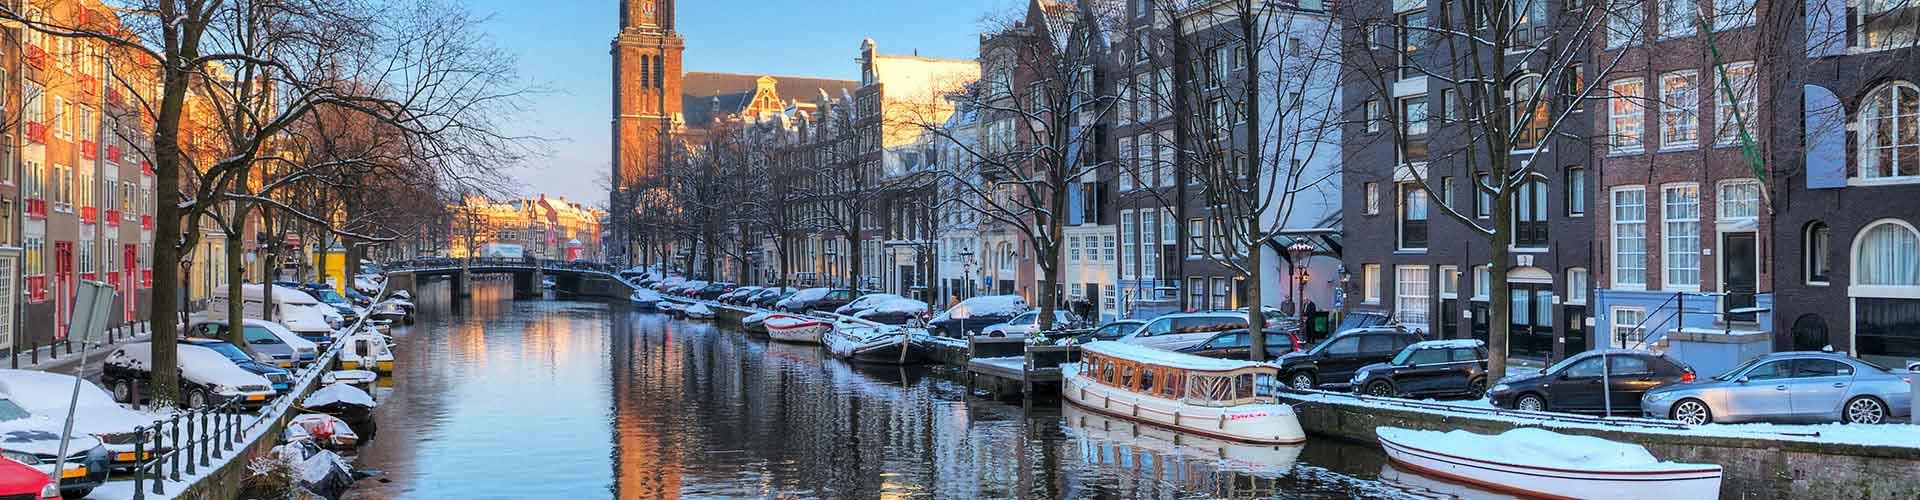 암스테르담 - 암스테르담 서교회에 가까운 캠핑장. 암스테르담의 지도, 암스테르담에 위치한 캠핑장에 대한 사진 및 리뷰.